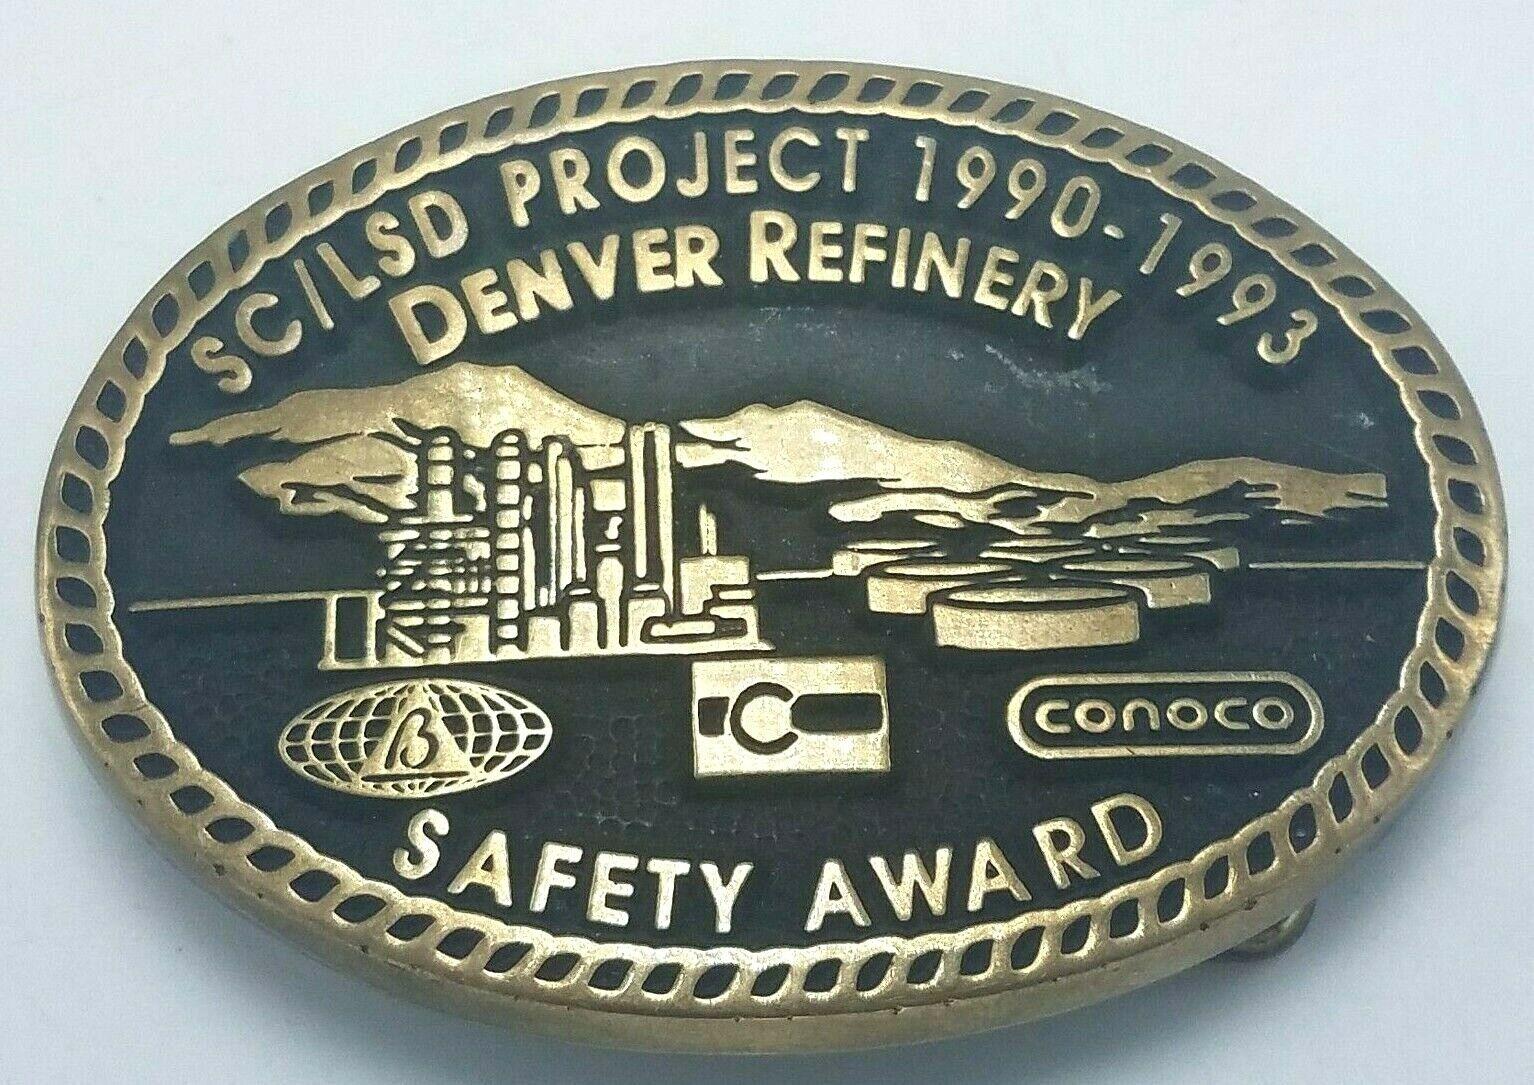 Vtg Denver Öl Raffinerie Sc / Lsd Projekt 1990-1993 Safety Award Gürtelschnalle